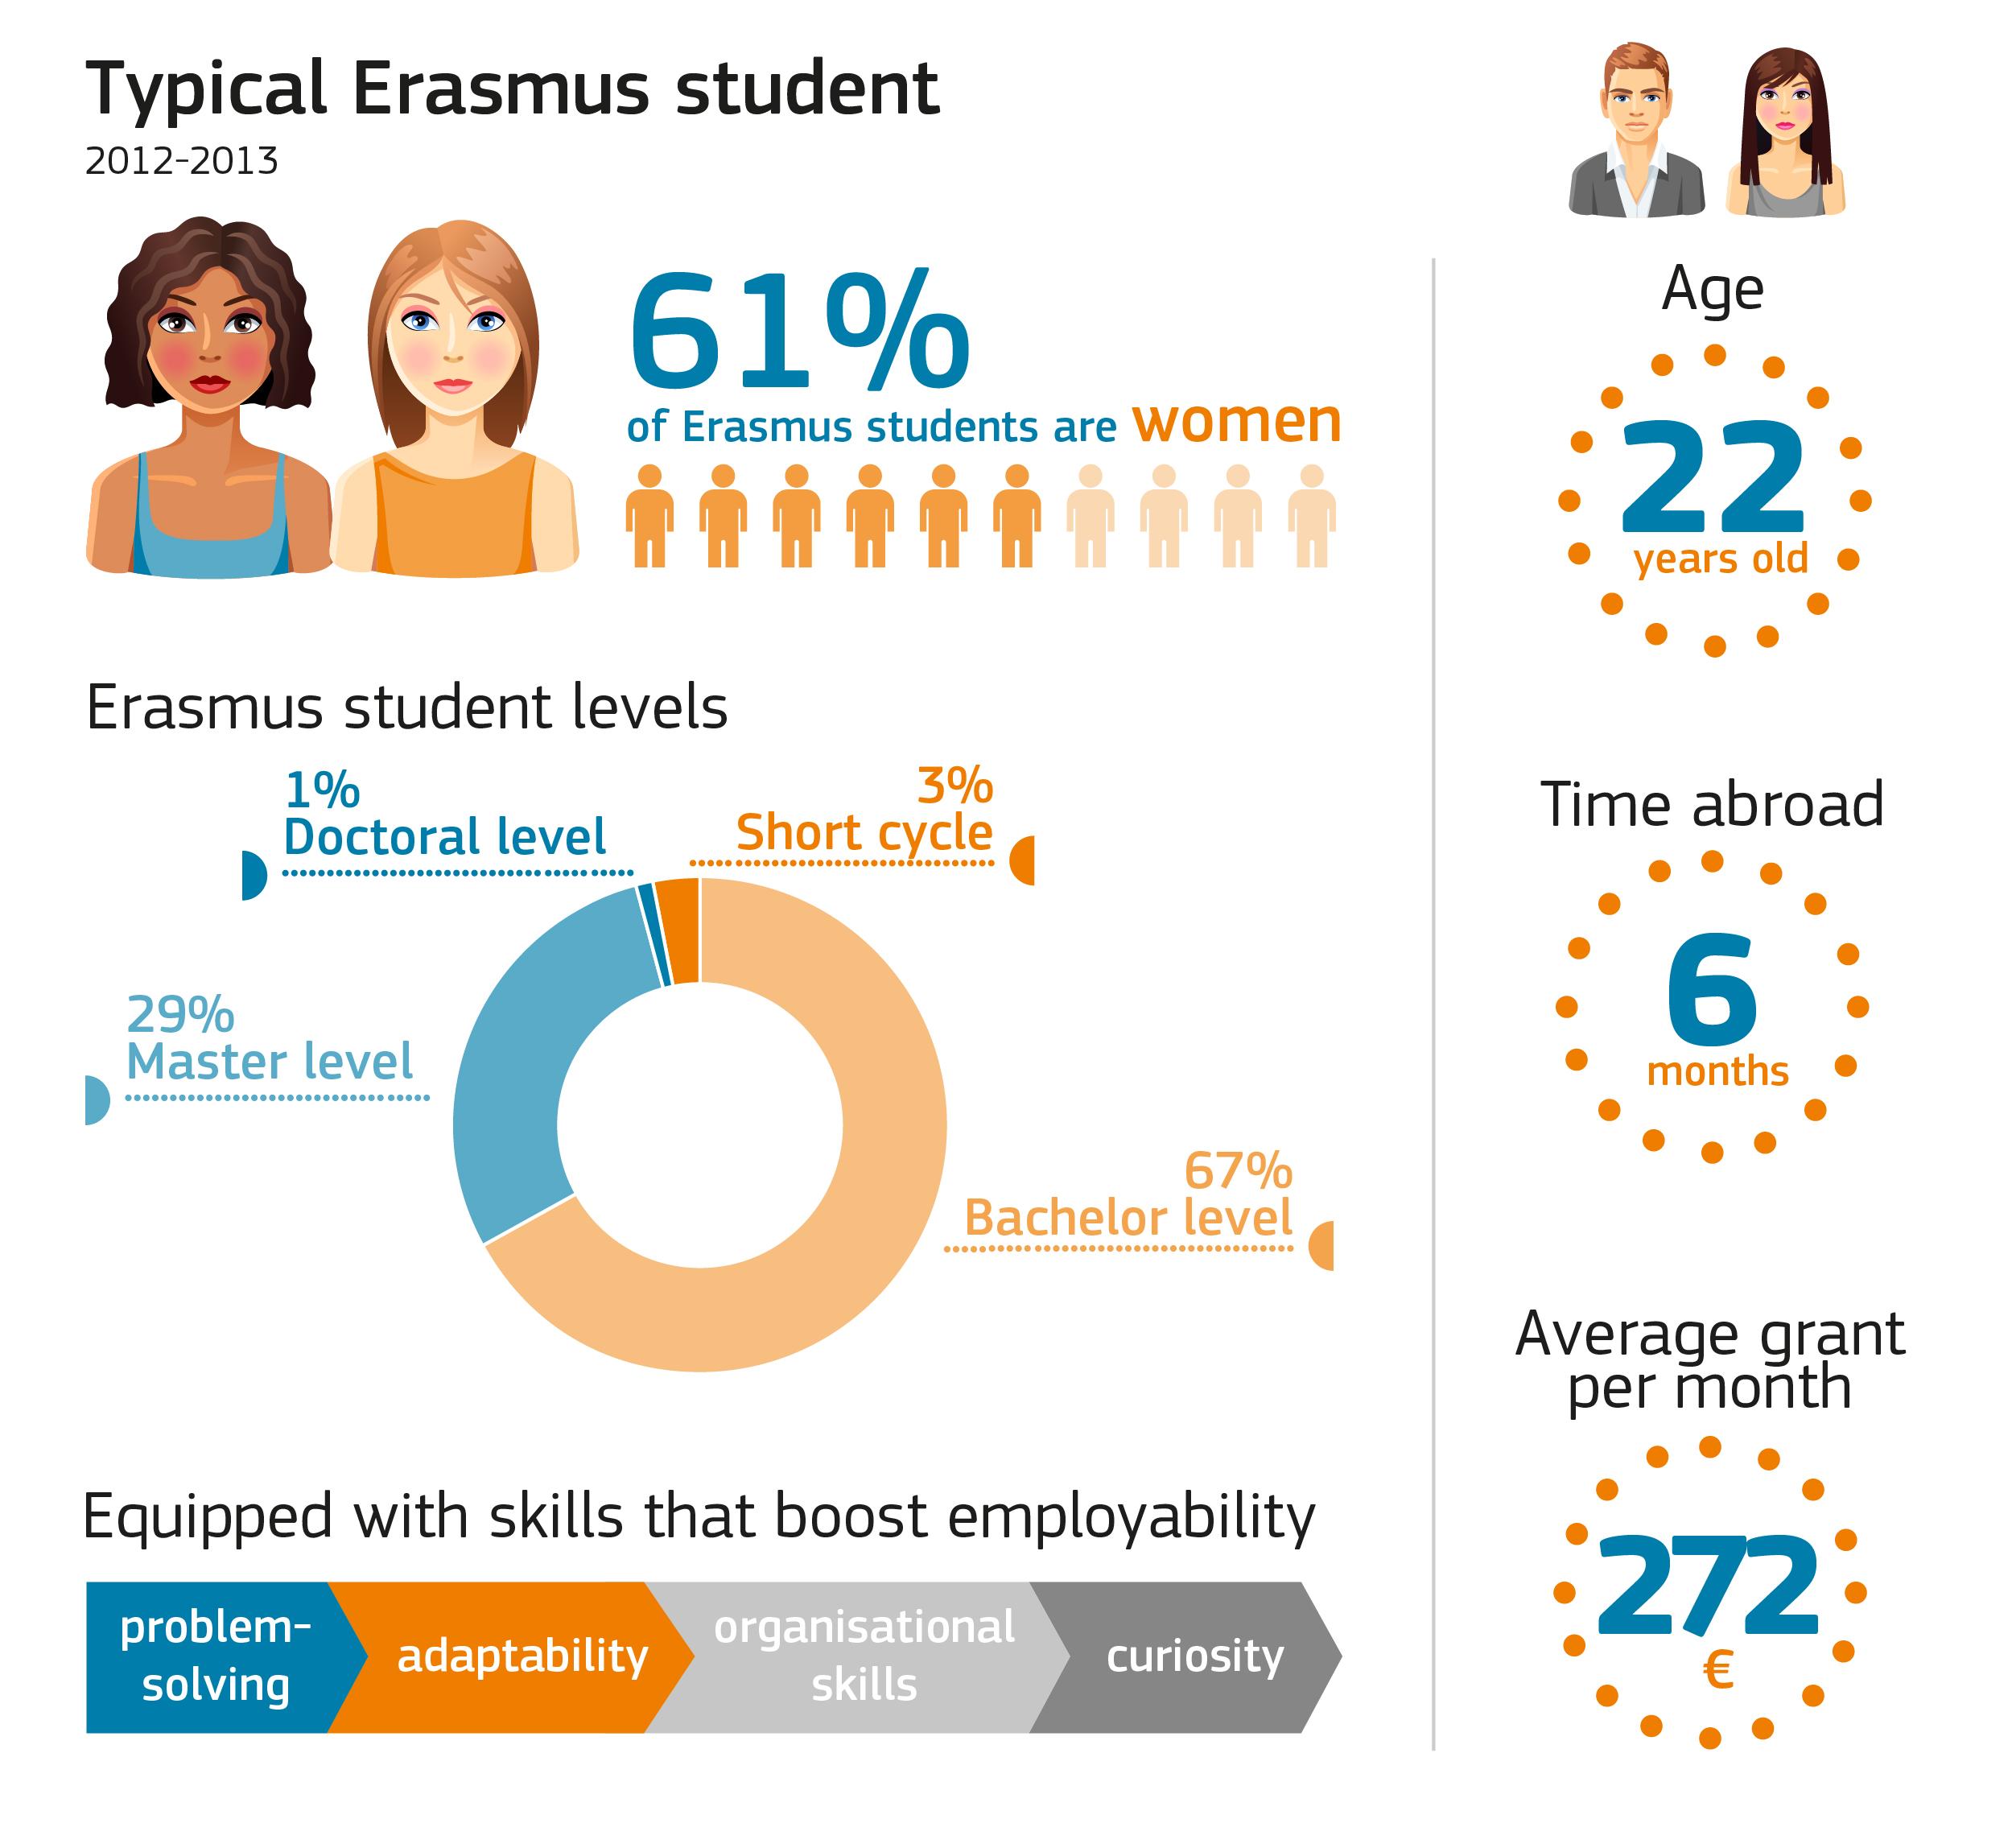 erasmus exchange students